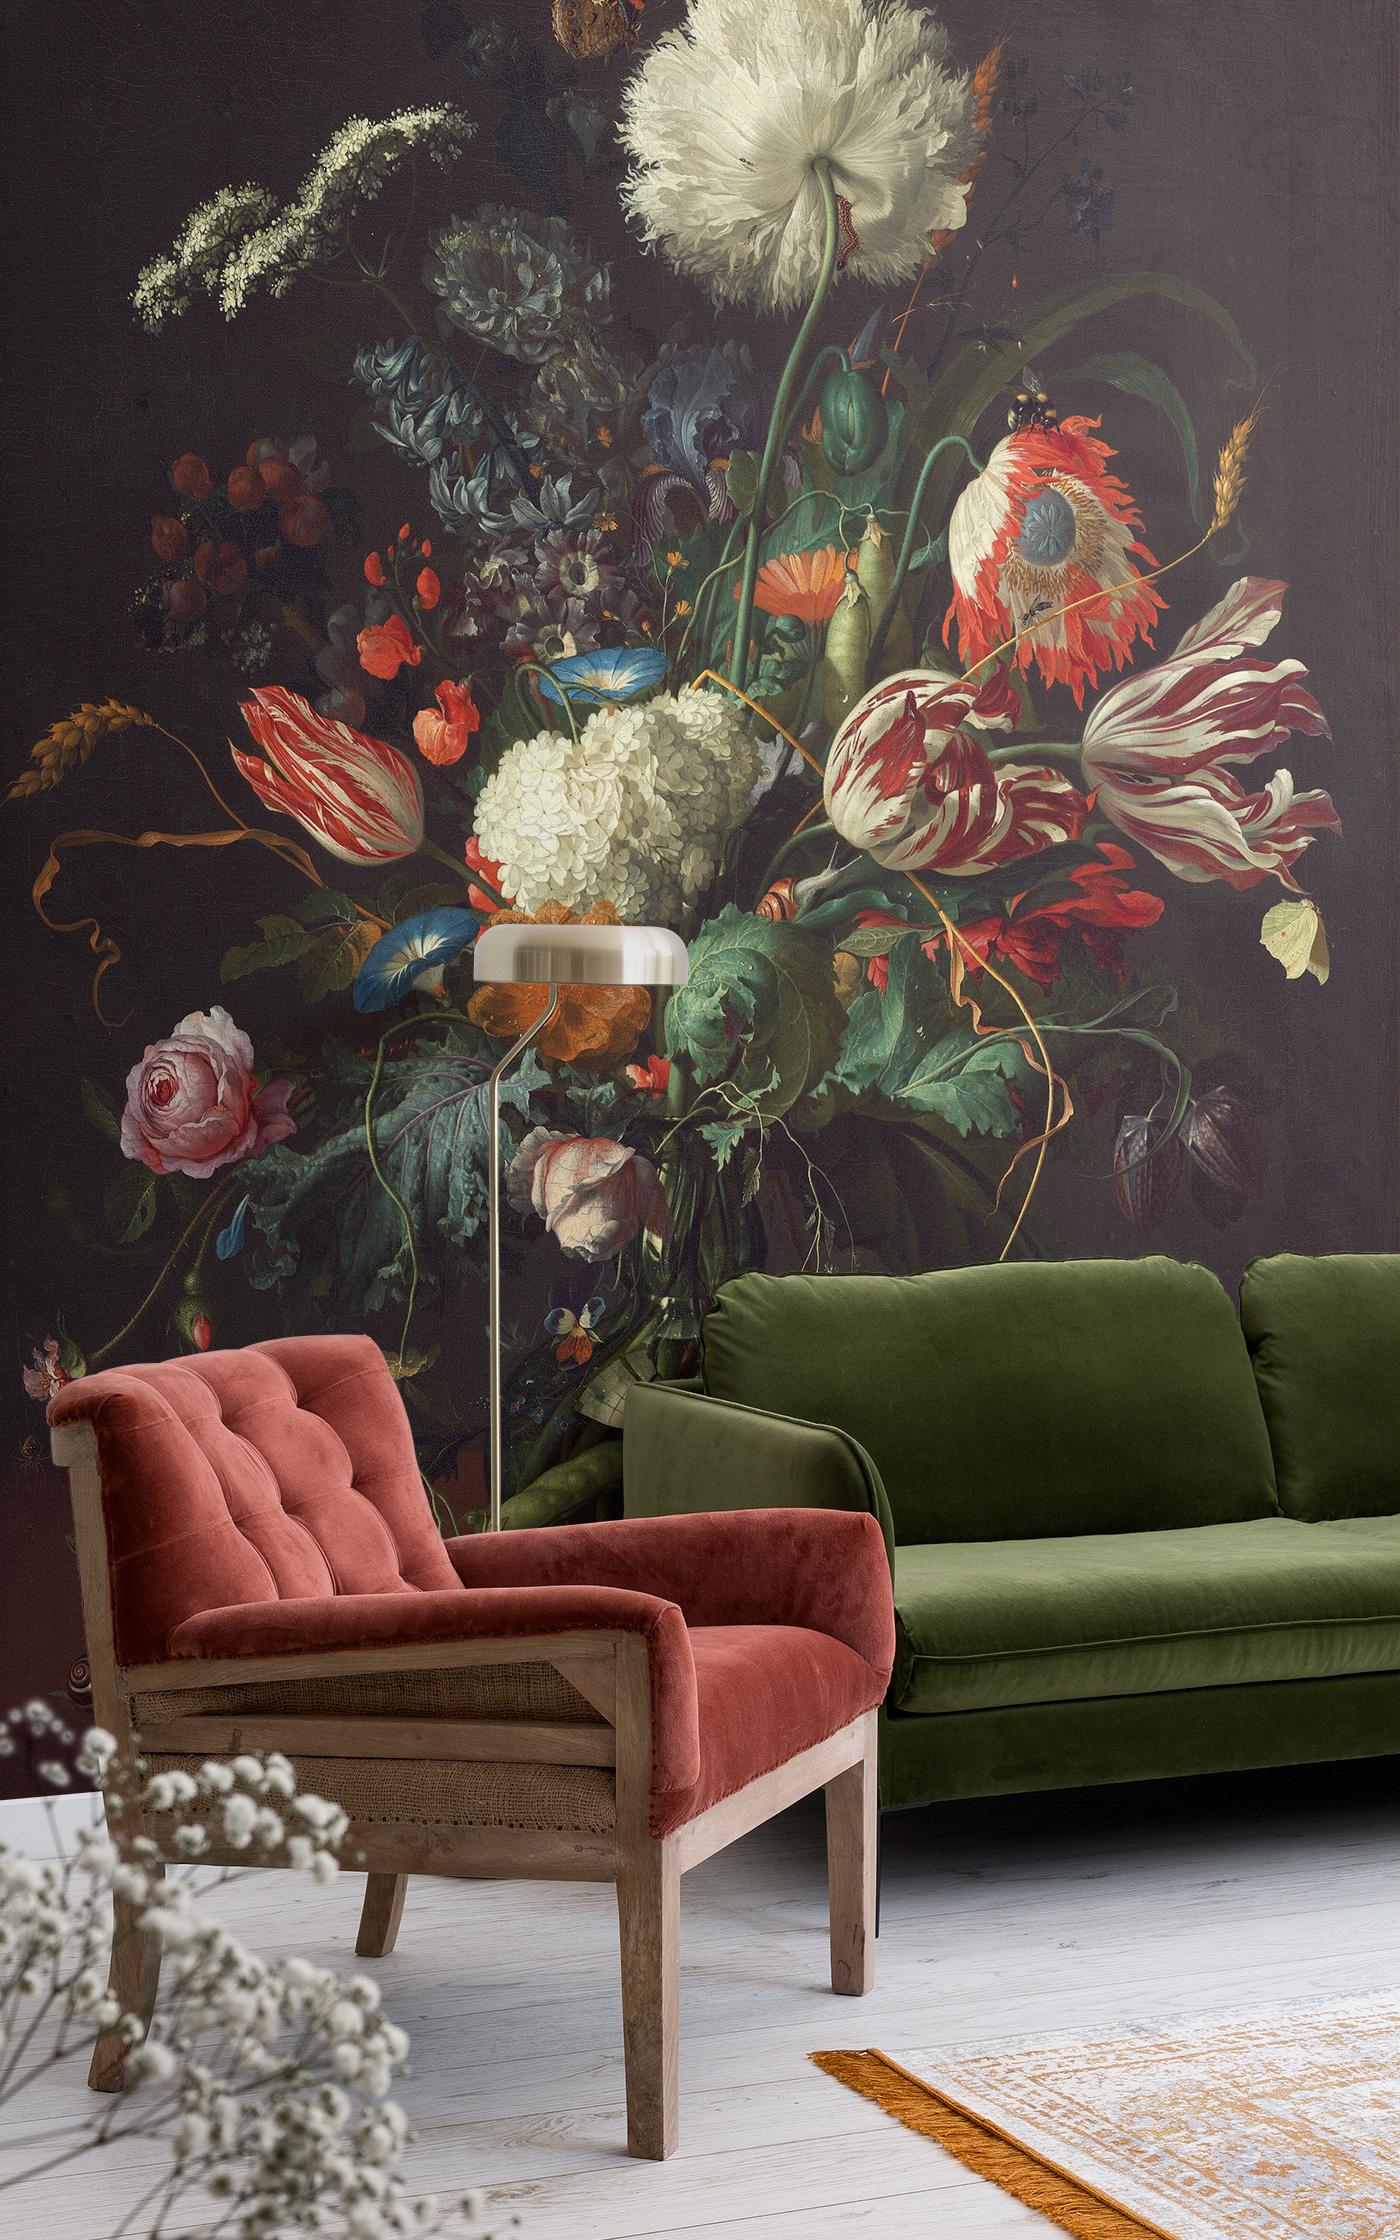 Vase of flower by de Heem wallpaper